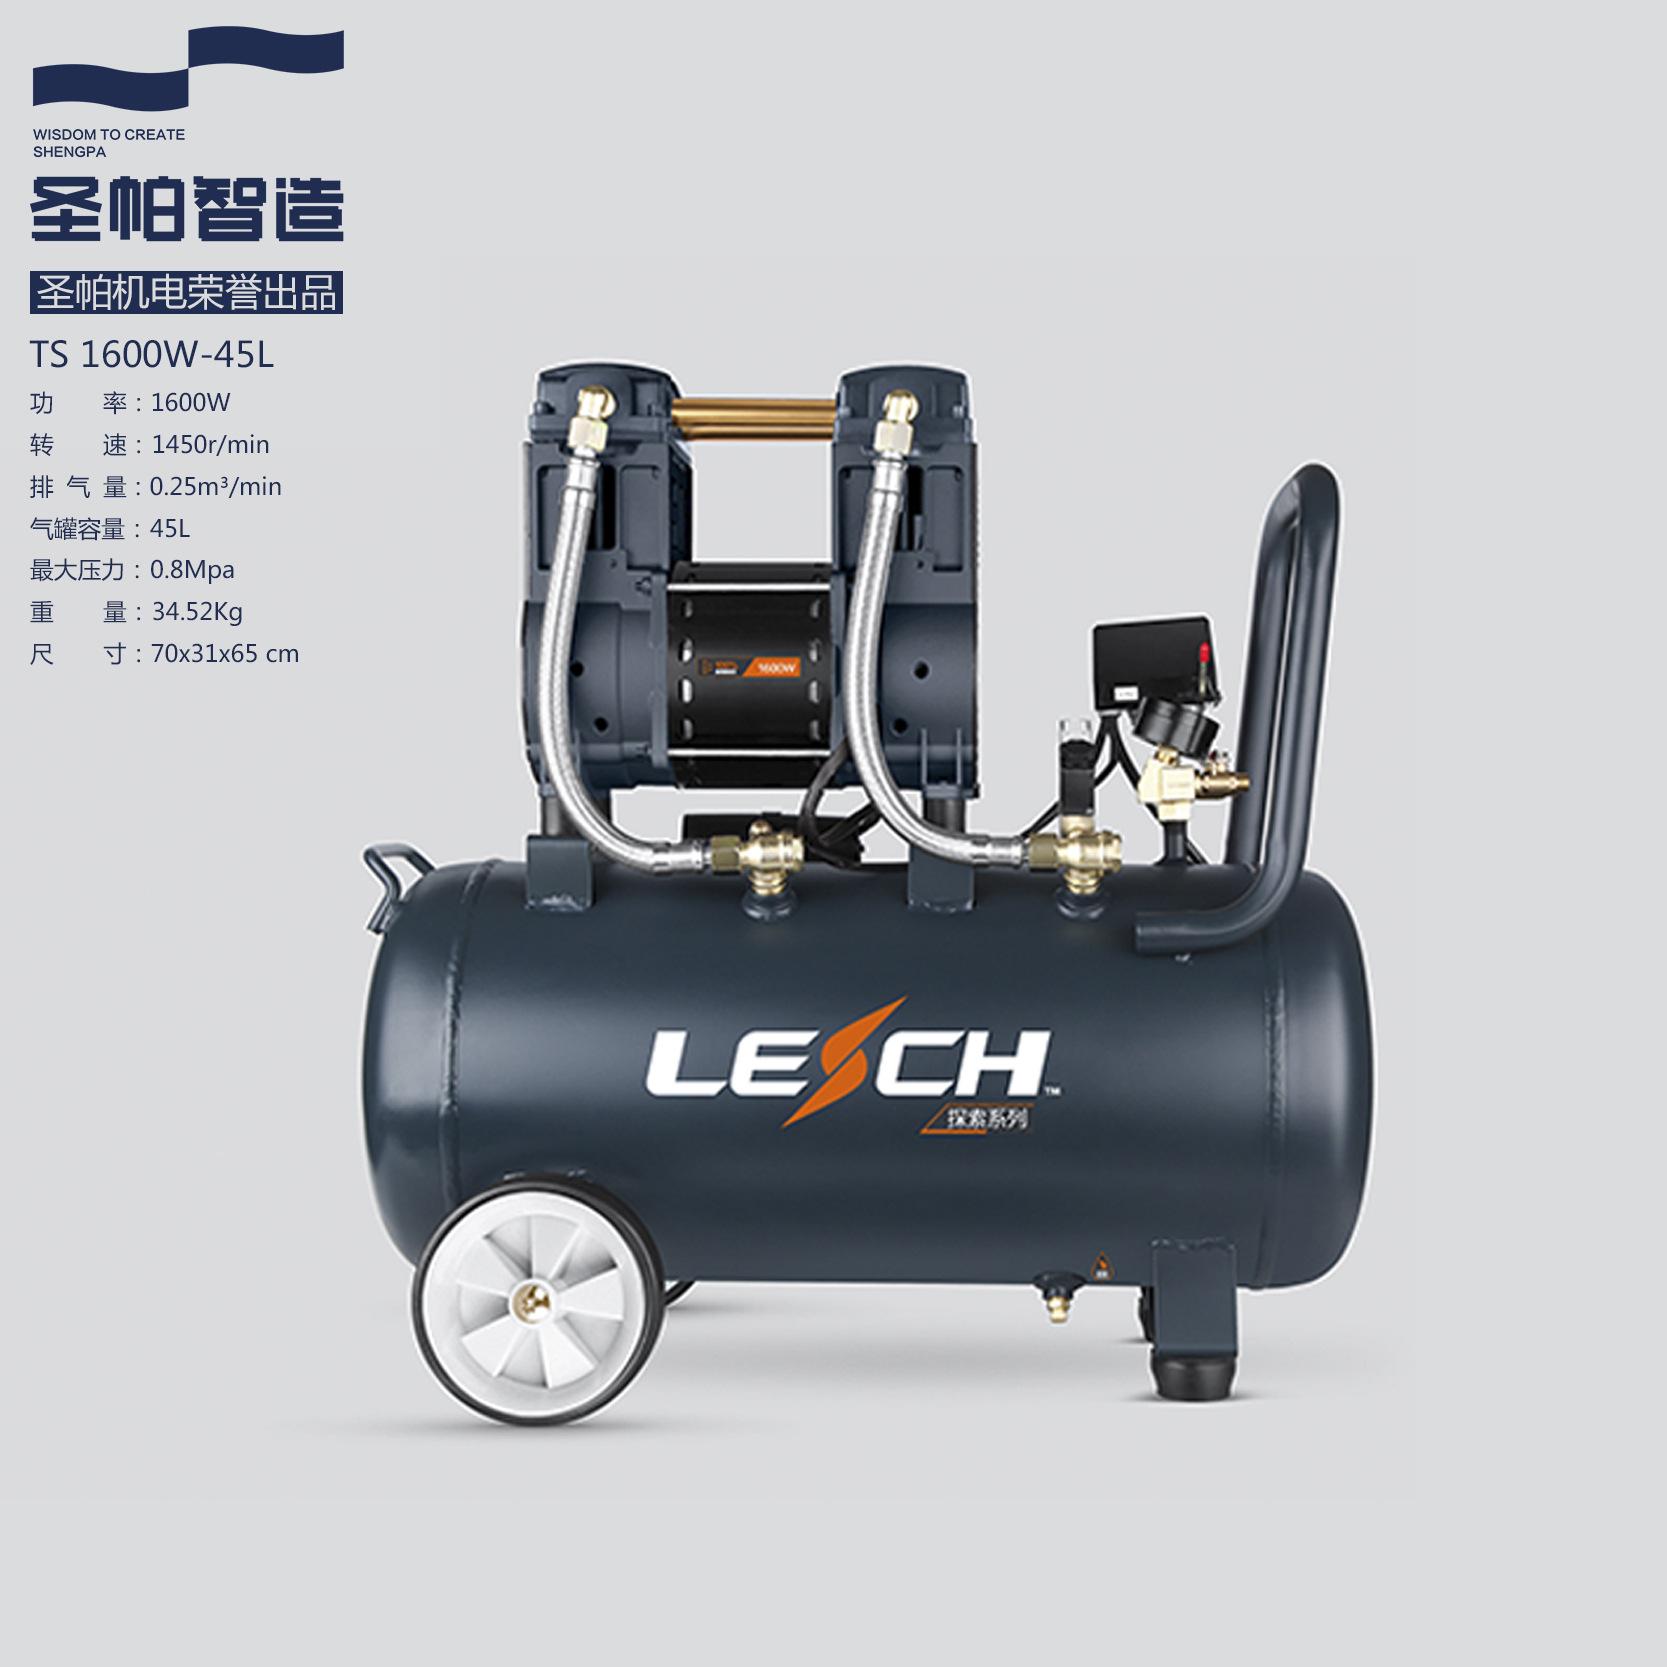 TANSUO Máy nén khí Bán trực tiếp nhà máy khám phá máy nén khí câm không dầu chất lượng cao 1600W-50L